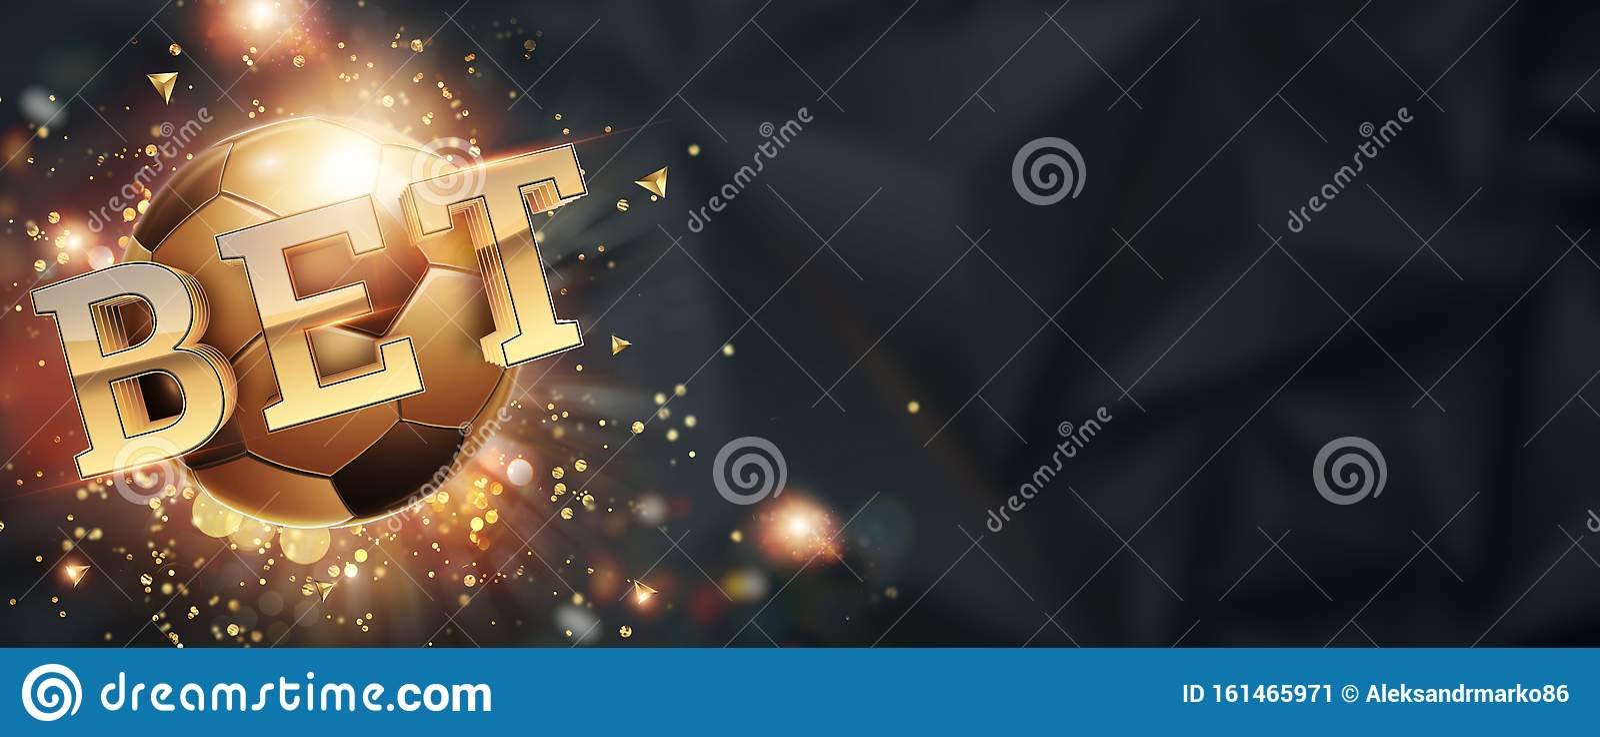 Goldenbetting overround betting